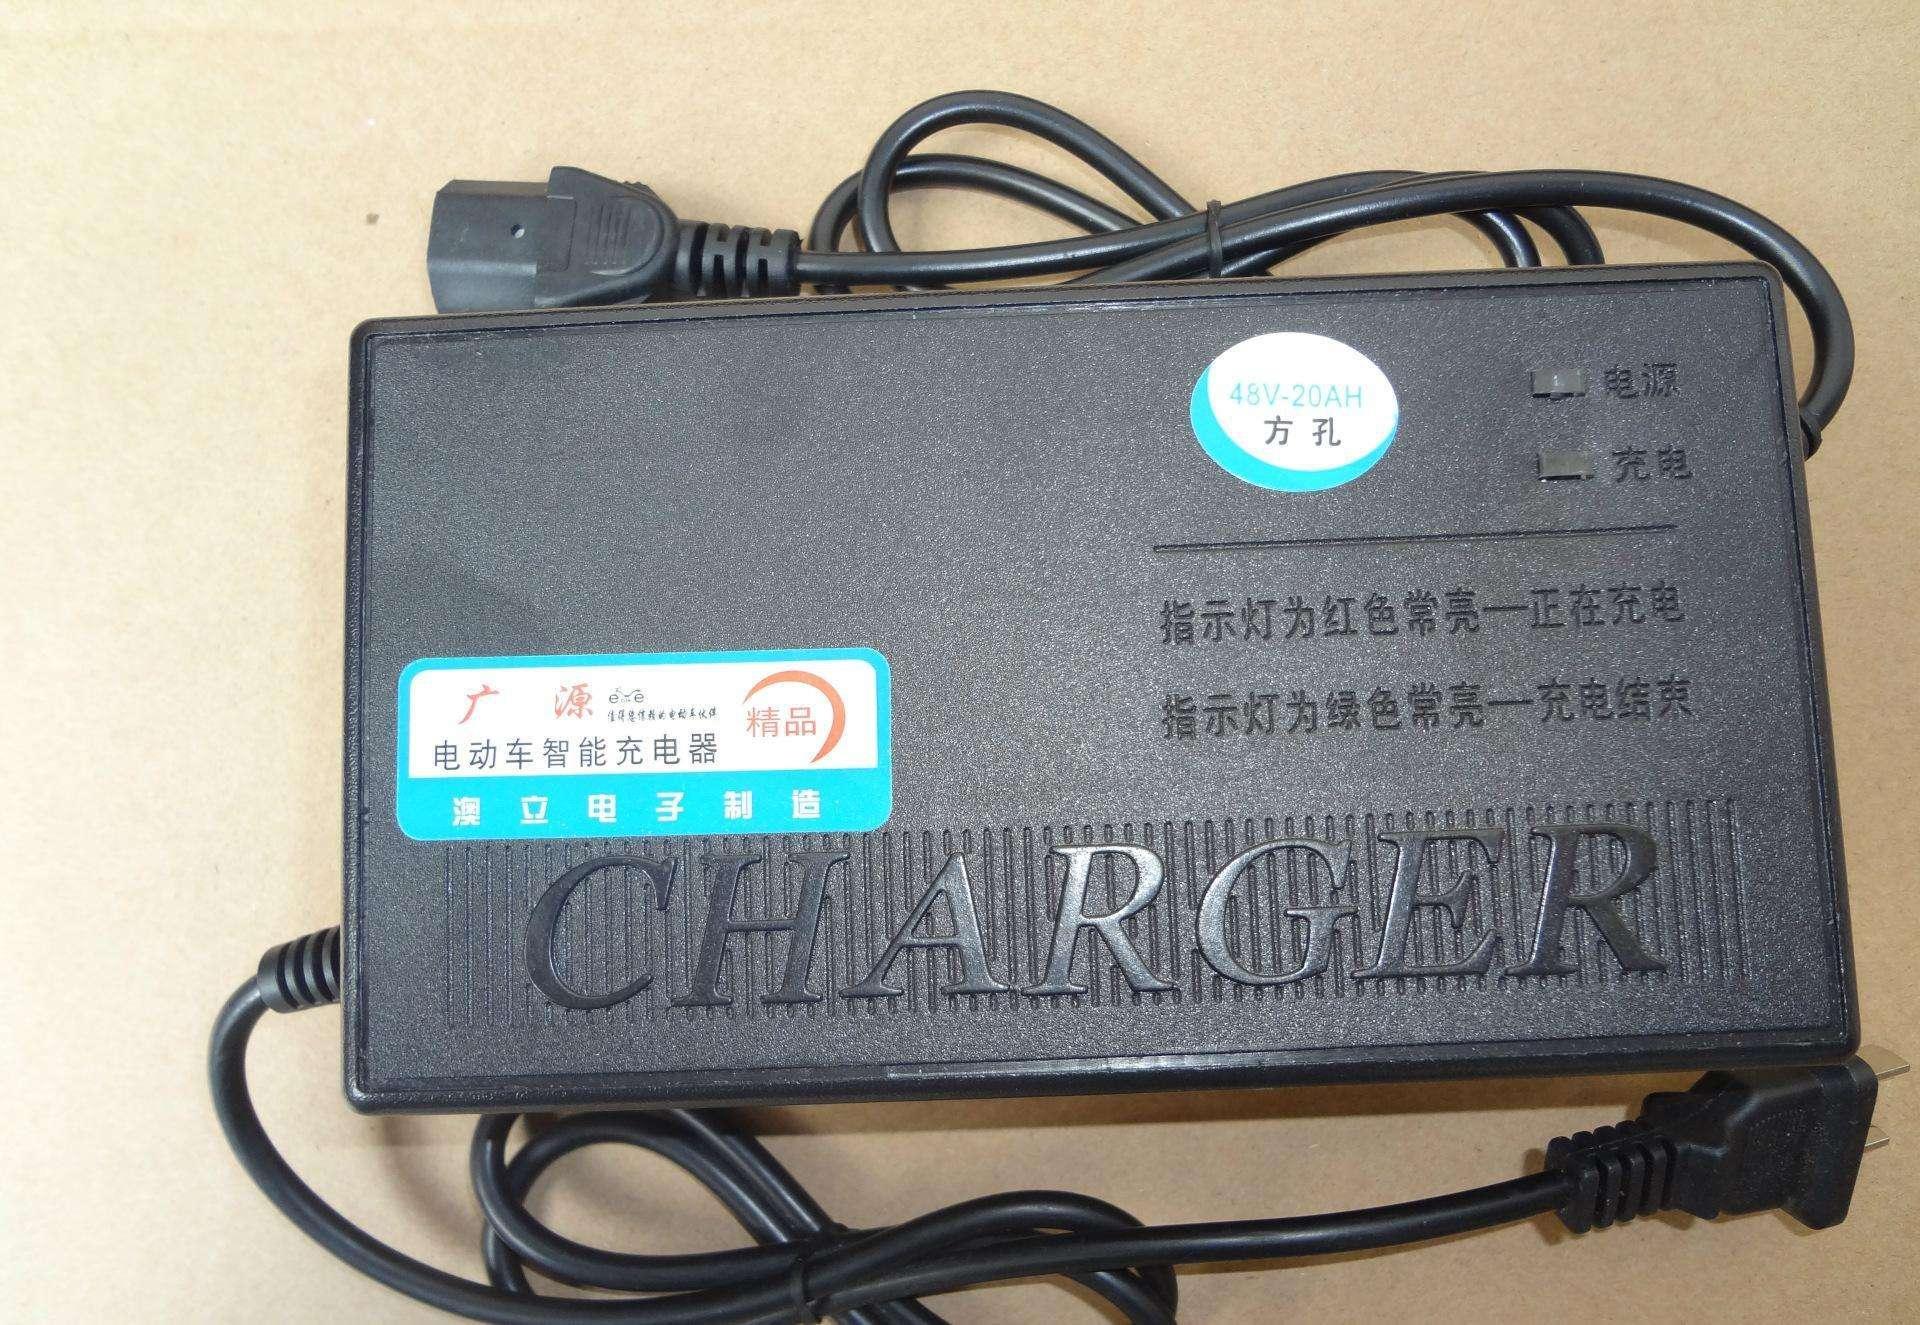 48V12ah 48V20ah Sealed Lead Acid Battery Charger